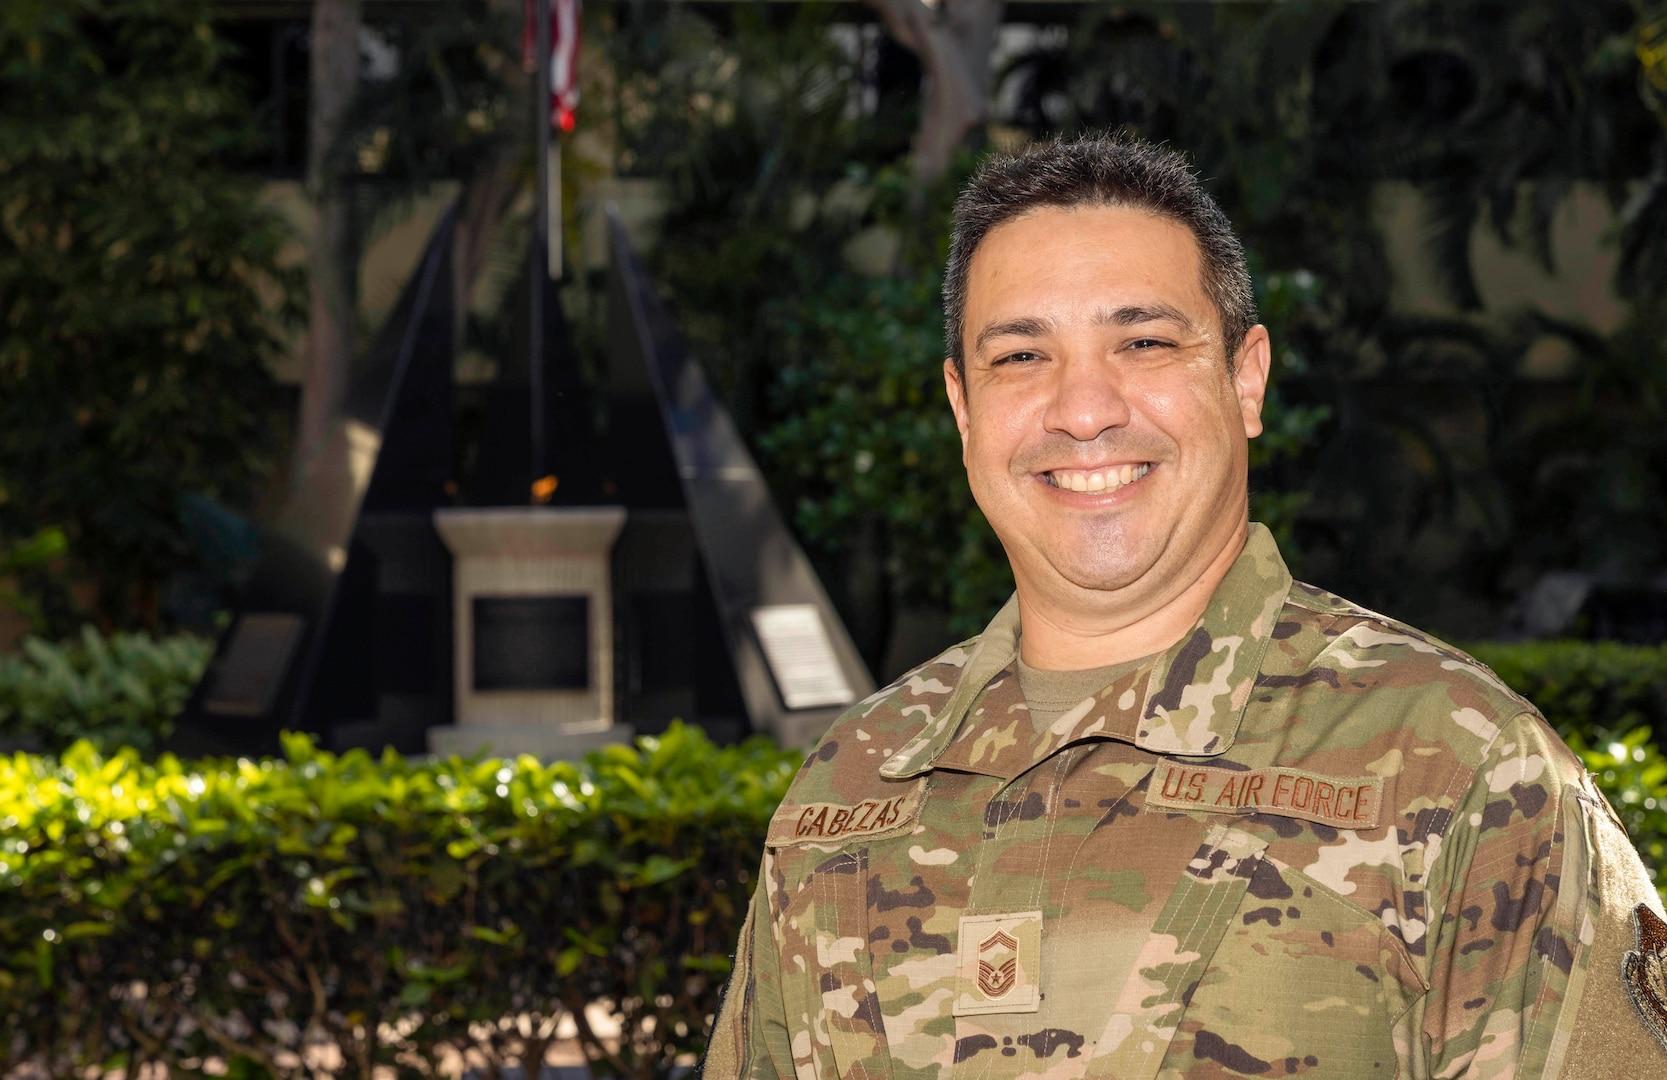 Photo of U.S. Air Force Senior Master Sgt. Ricardo Cabezas